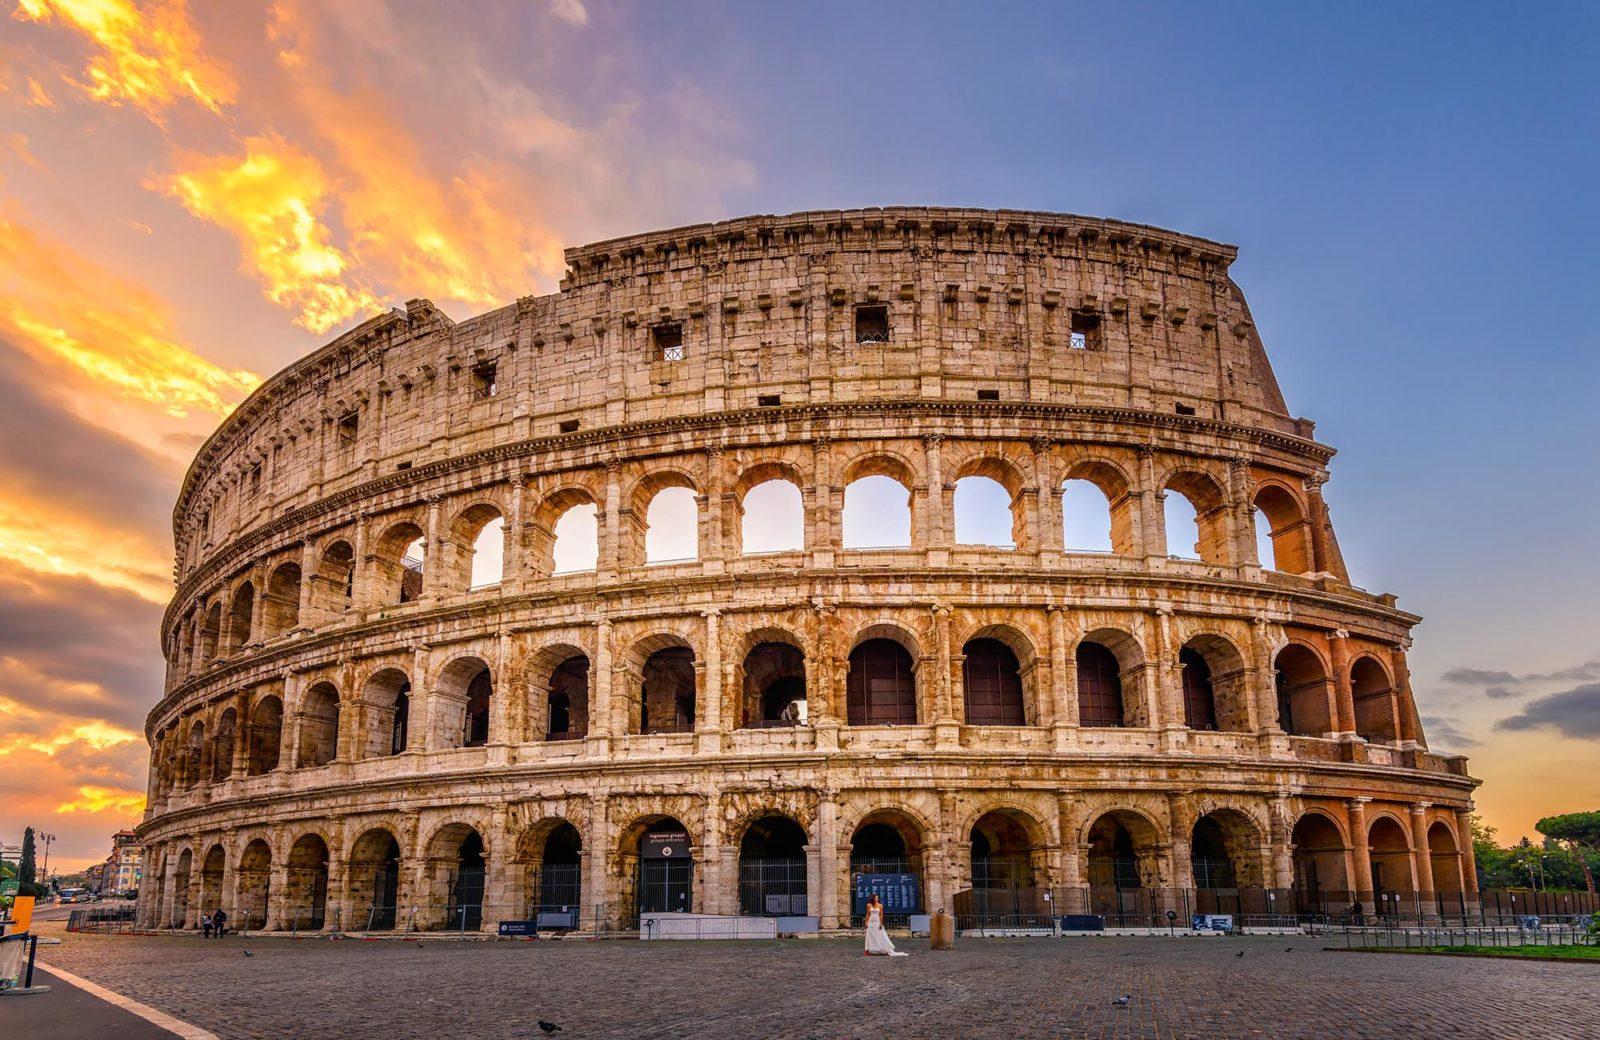 rome - იაფი ავიაბილეთები რომის მიმართულებით